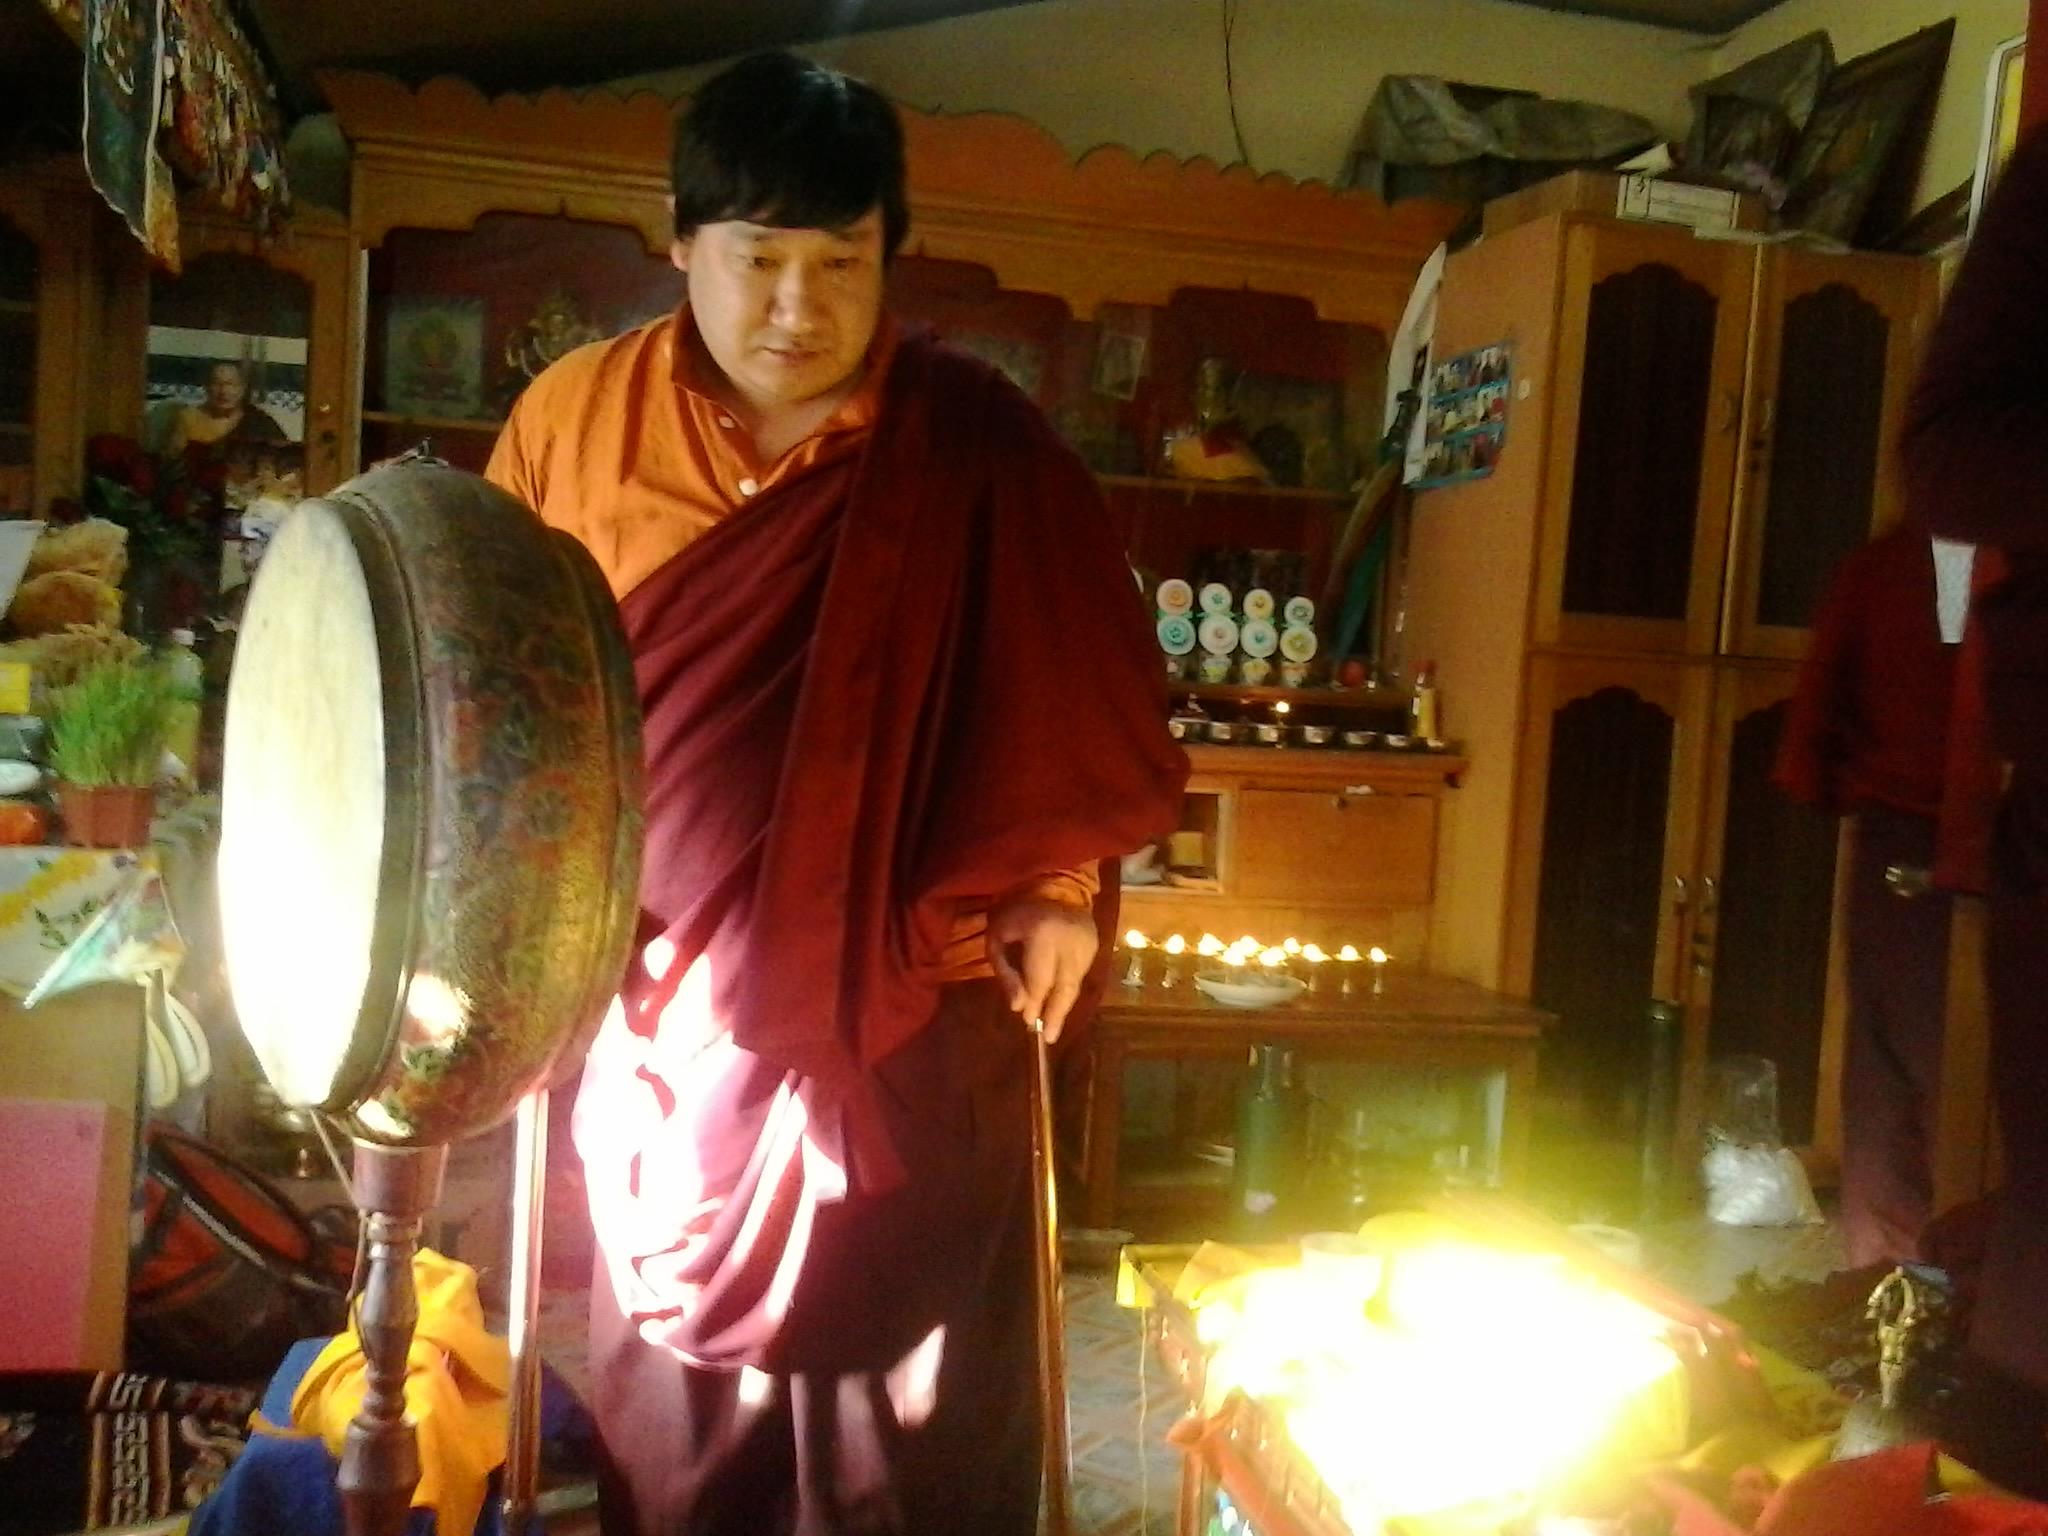 Omsay Lhundrup Dorji